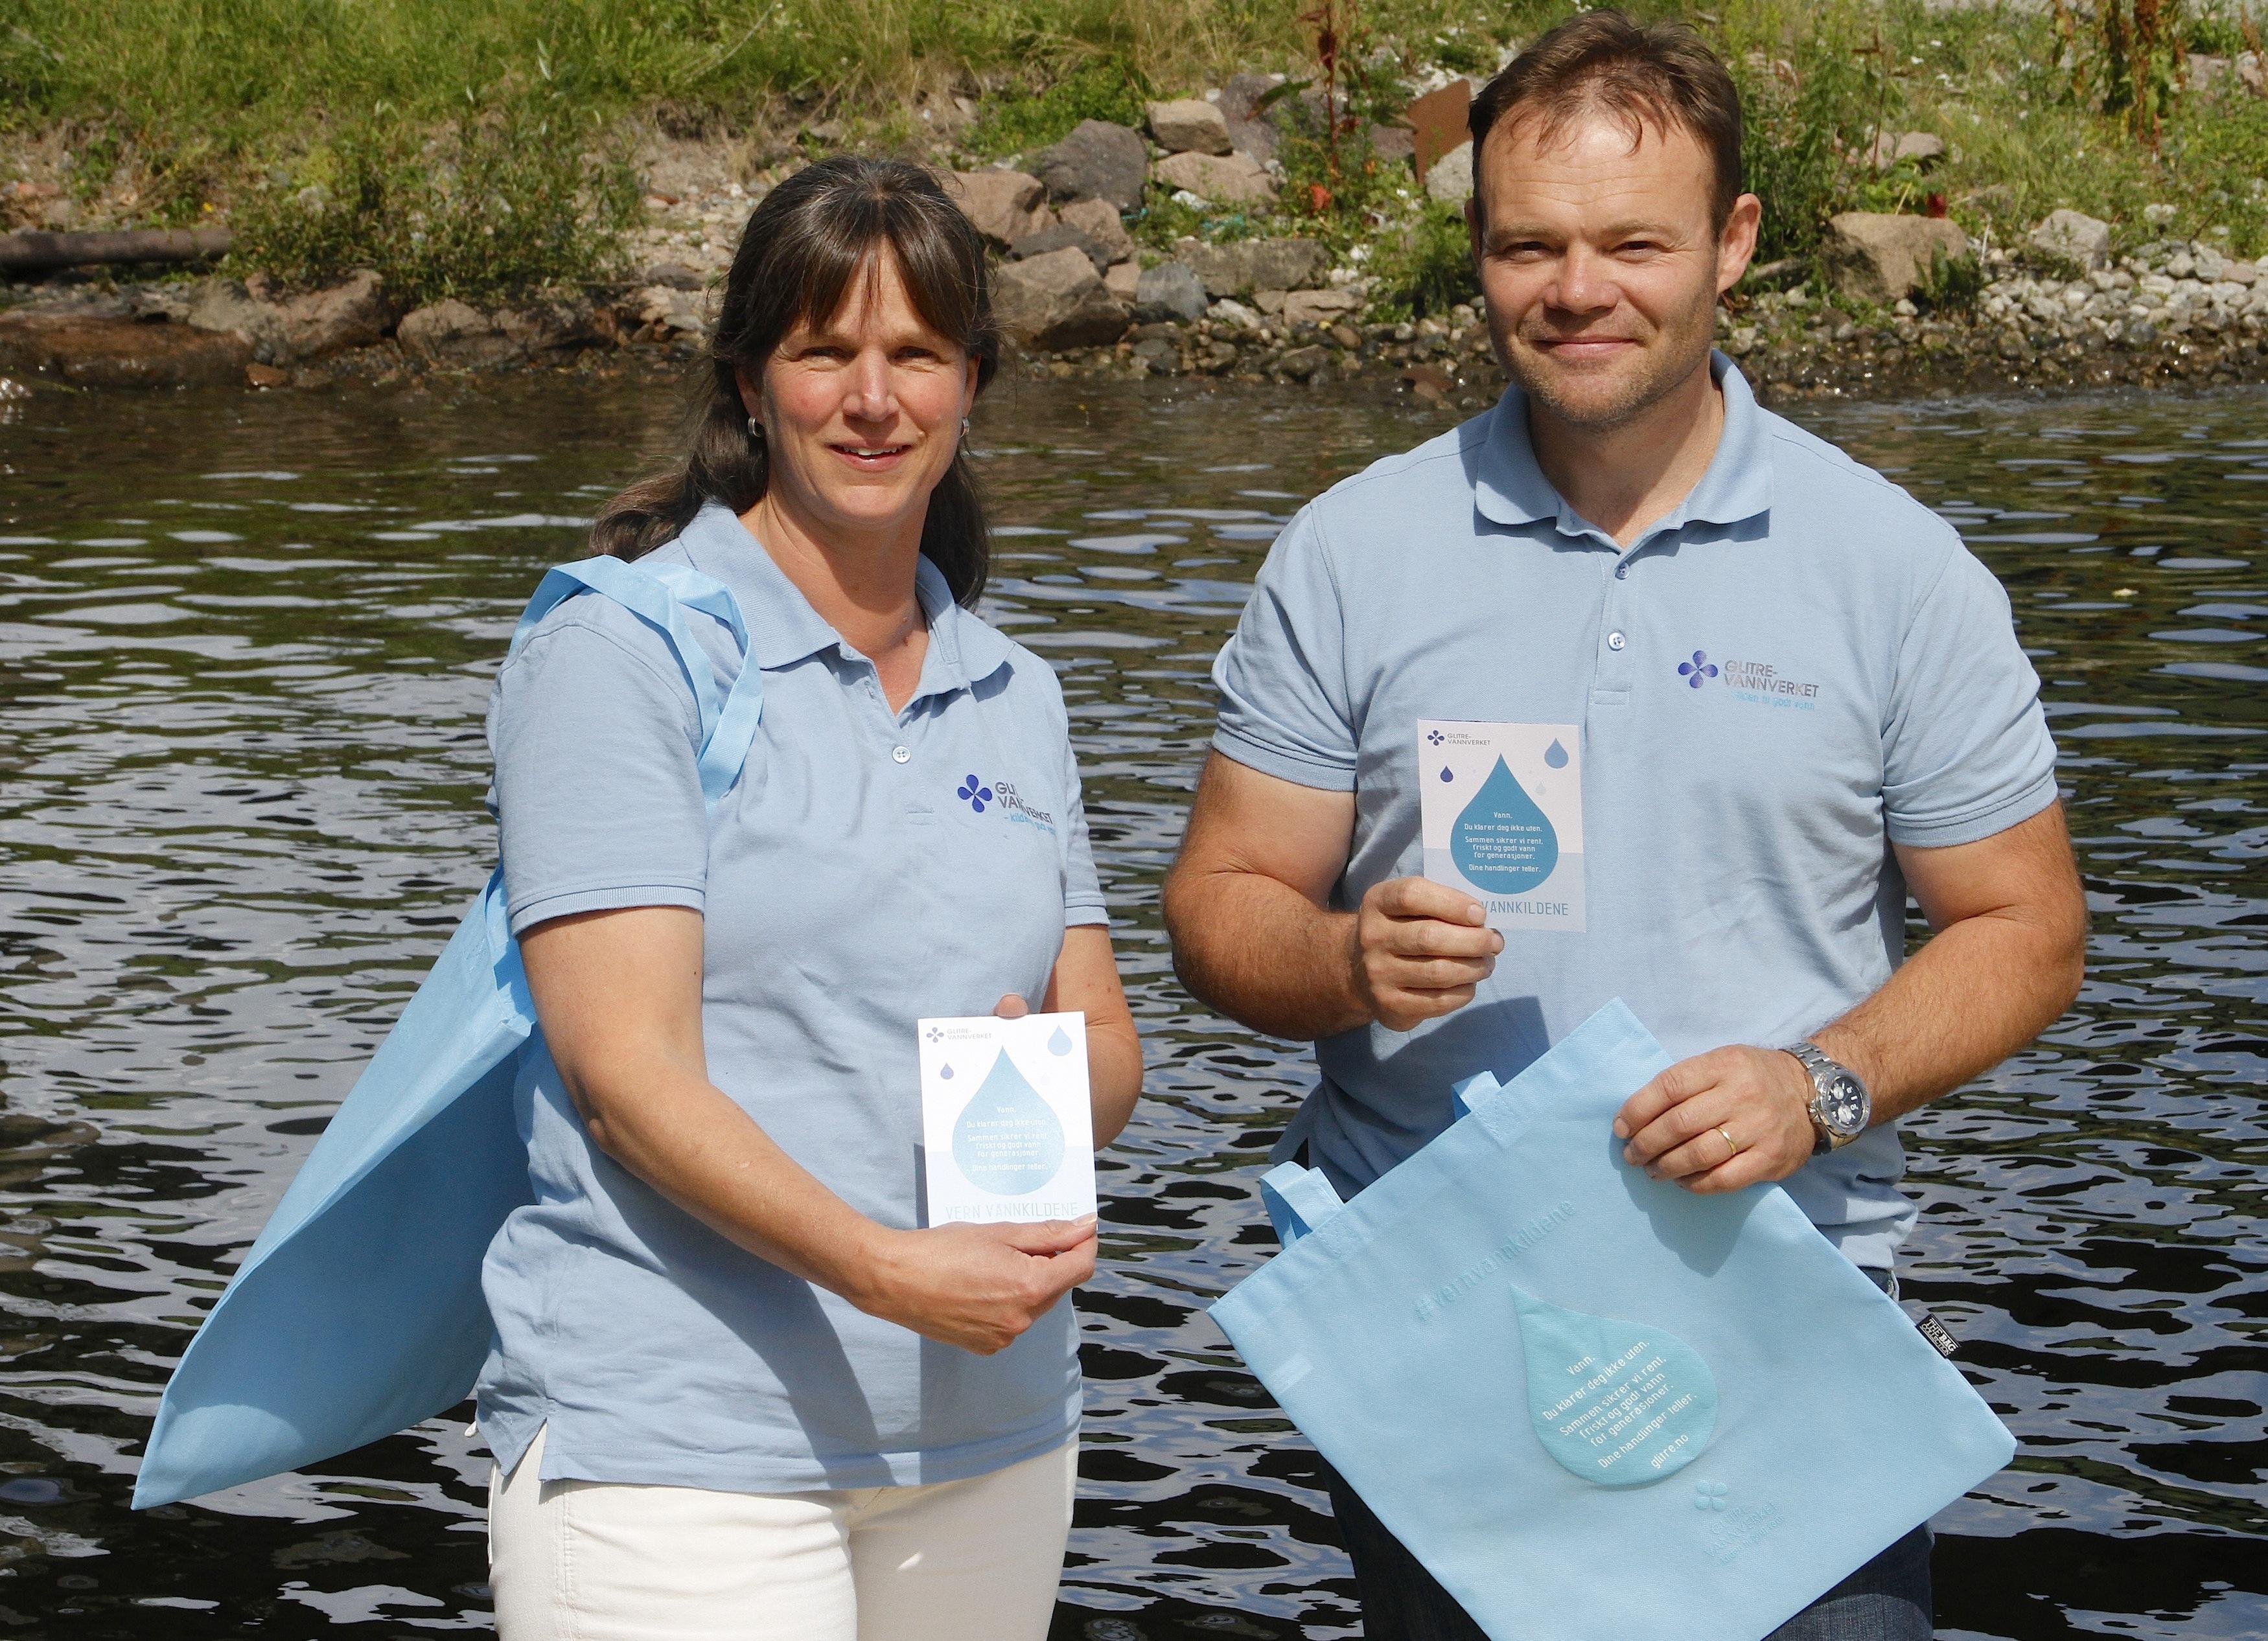 Sommernett og folder #vernvannkilden. Foto Per-Jan Brekke